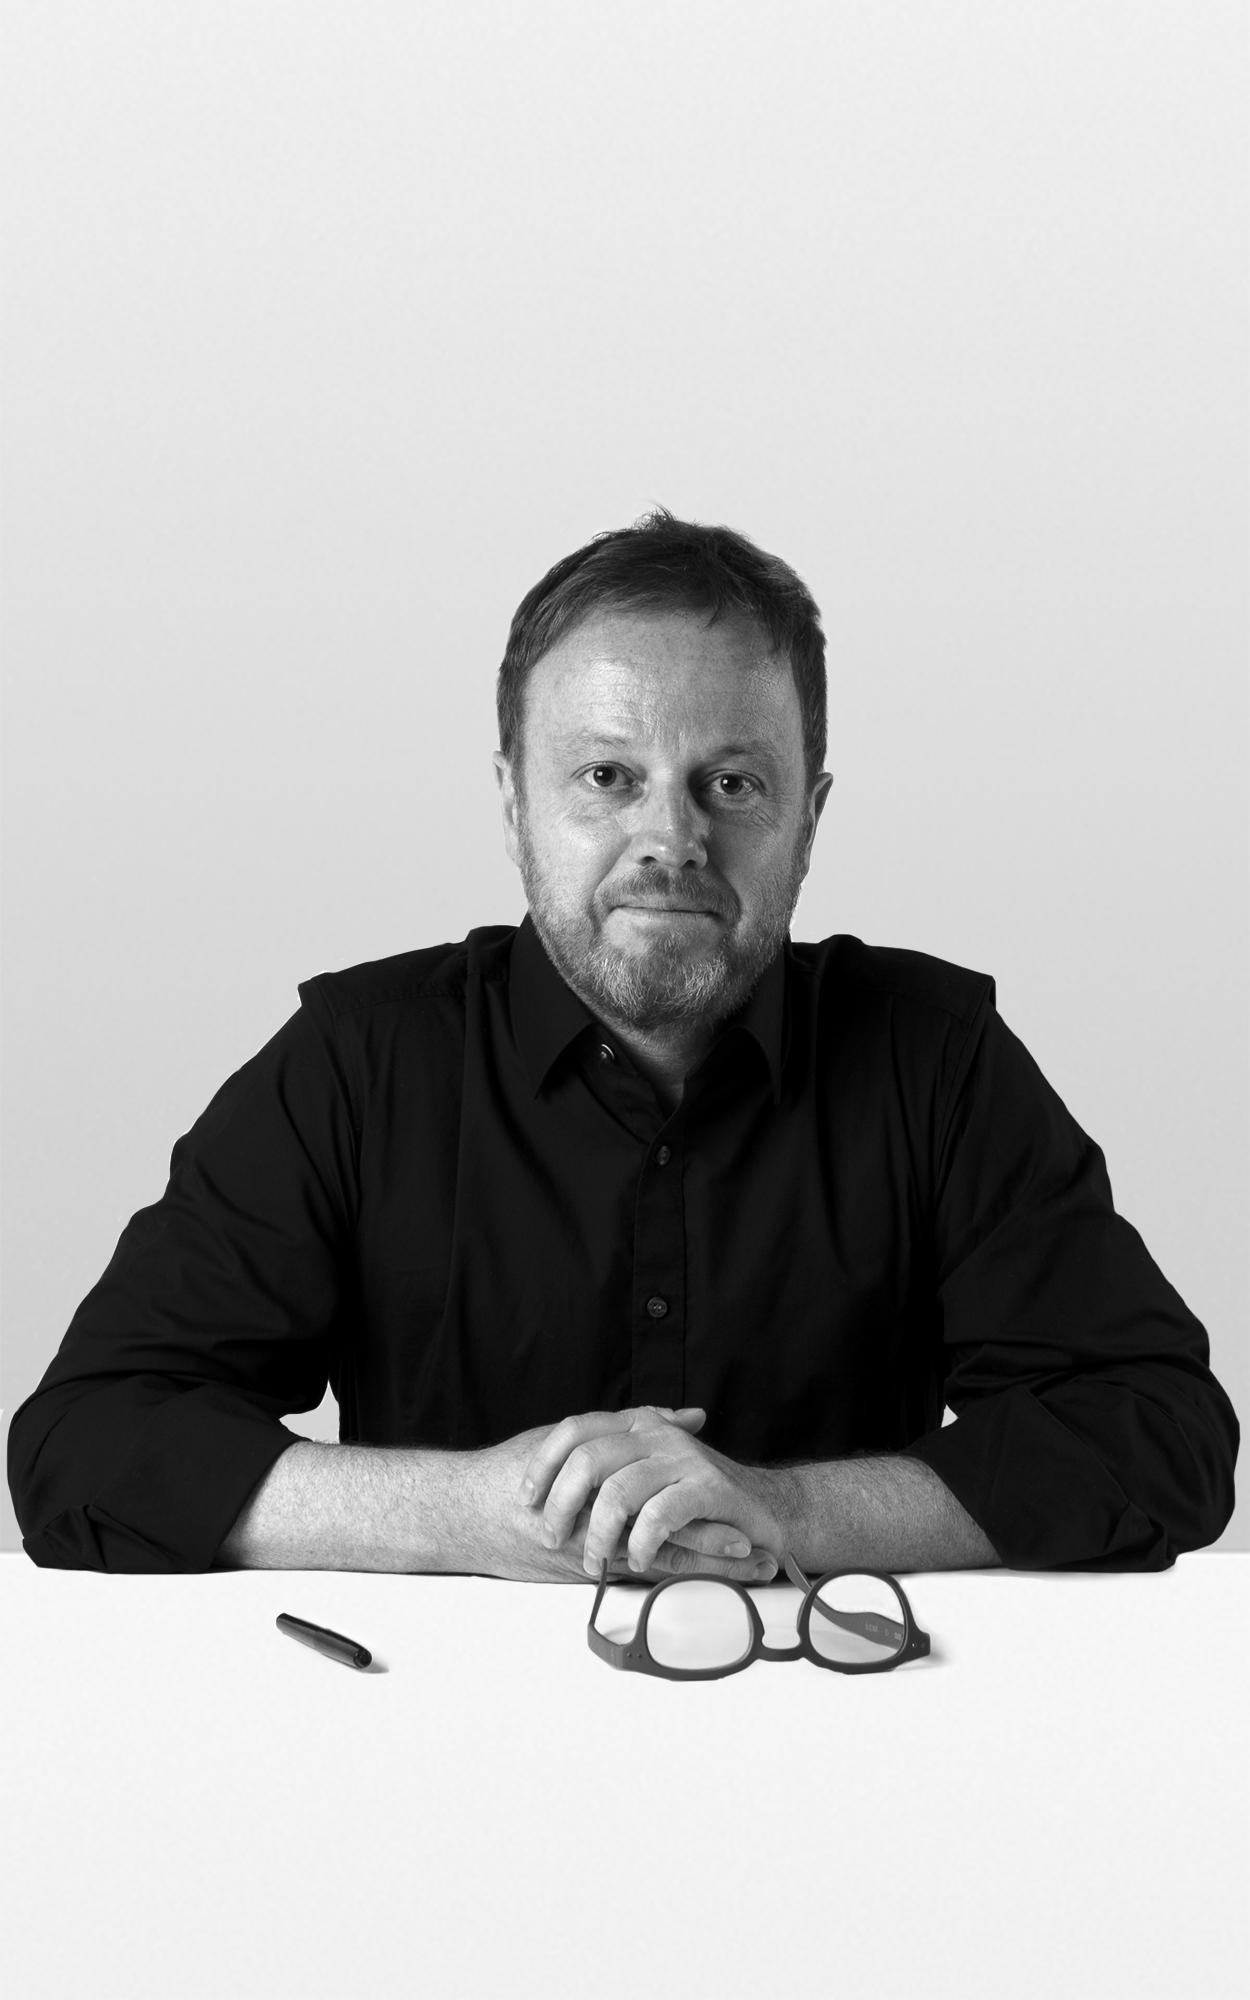 Bernhard Vogelmann